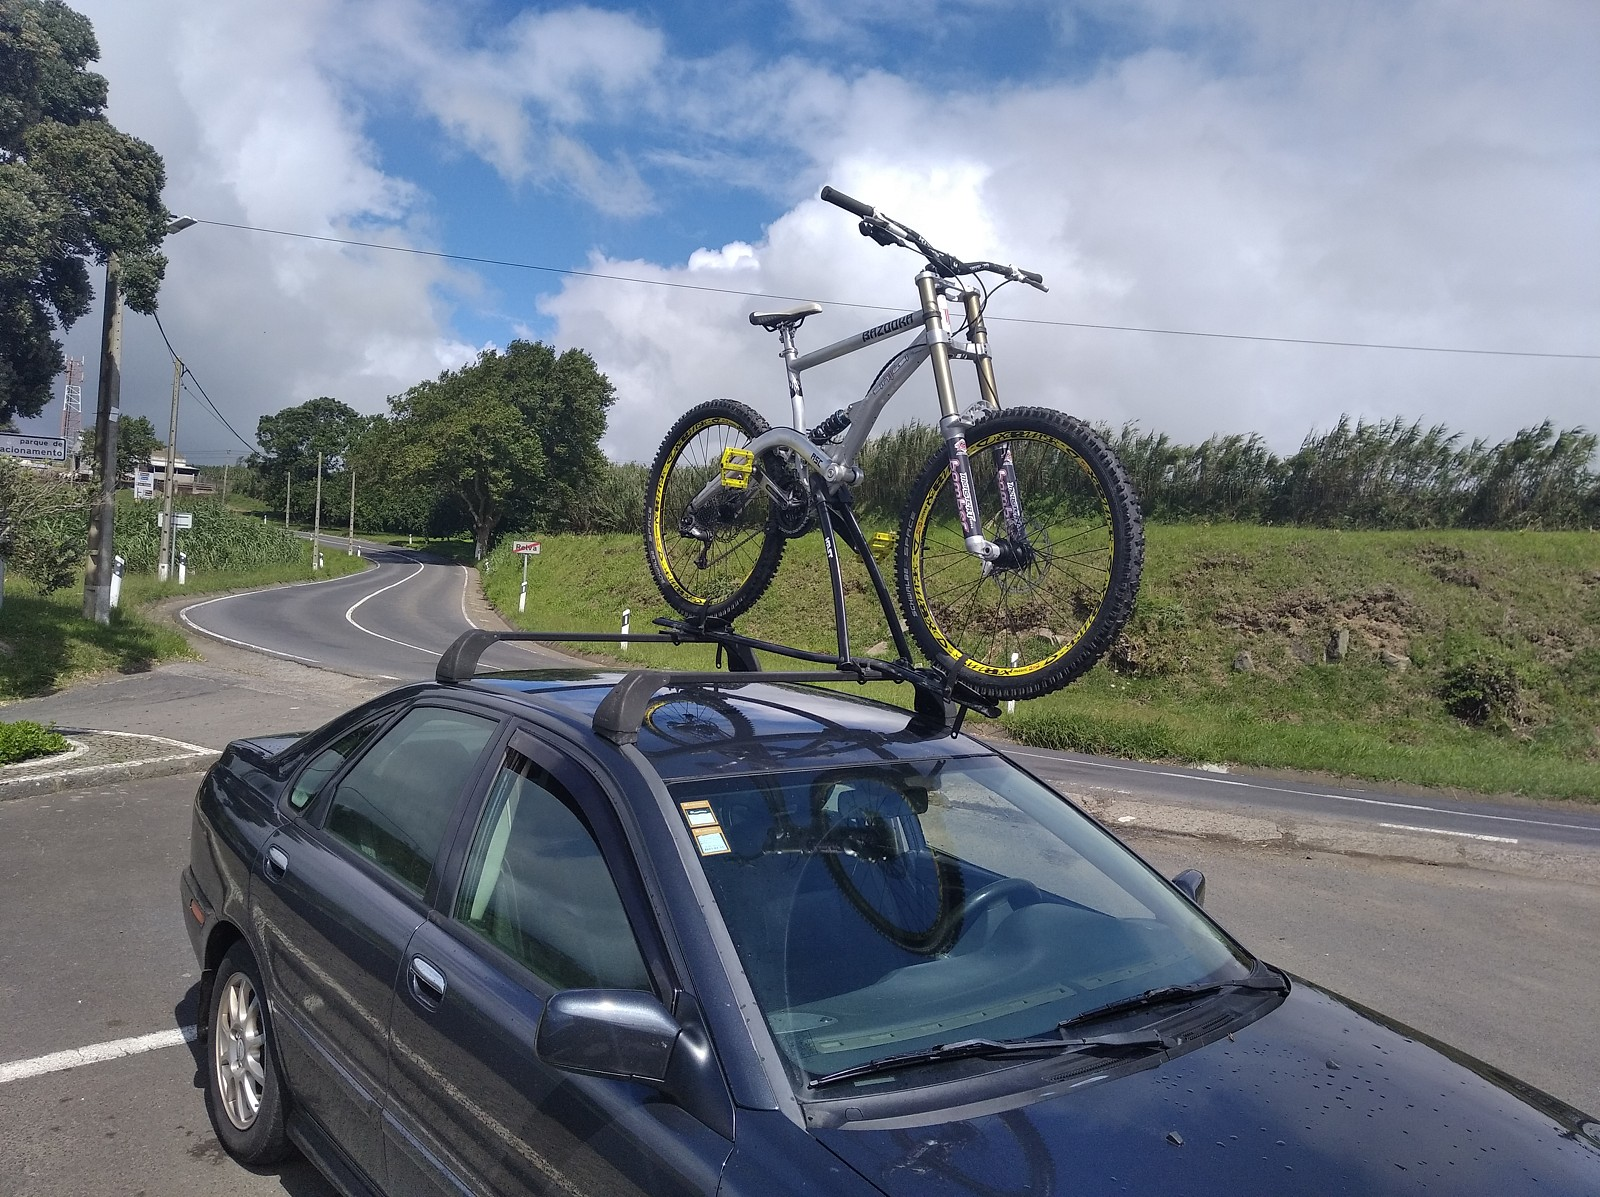 468 - Luis Carreiro - Mountain Biking Pictures - Vital MTB